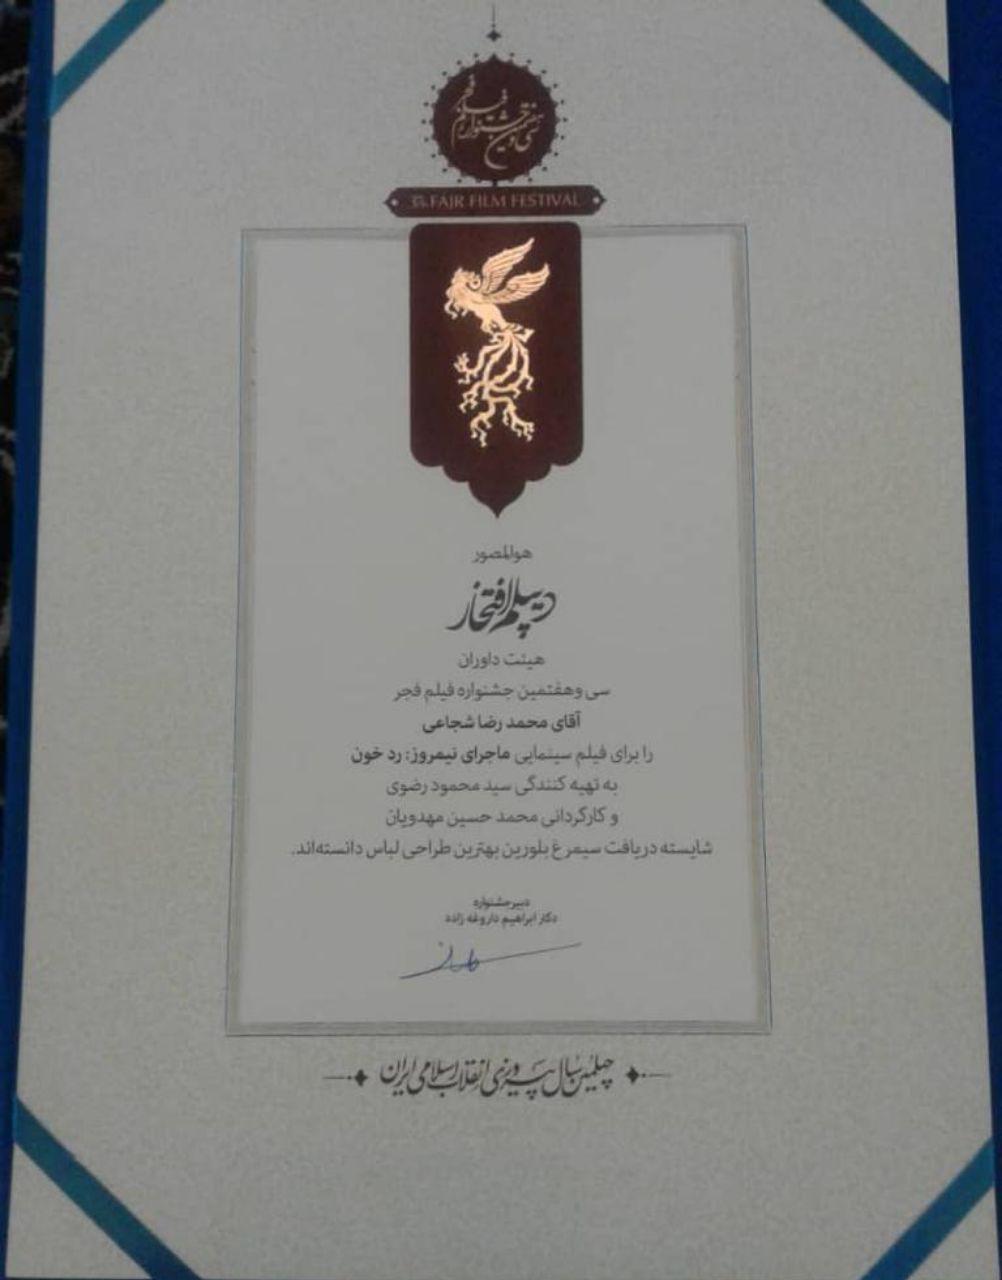 گاف تاریخی جشنواره فیلم فجر/ اشتباه در خواندن نام فیلم